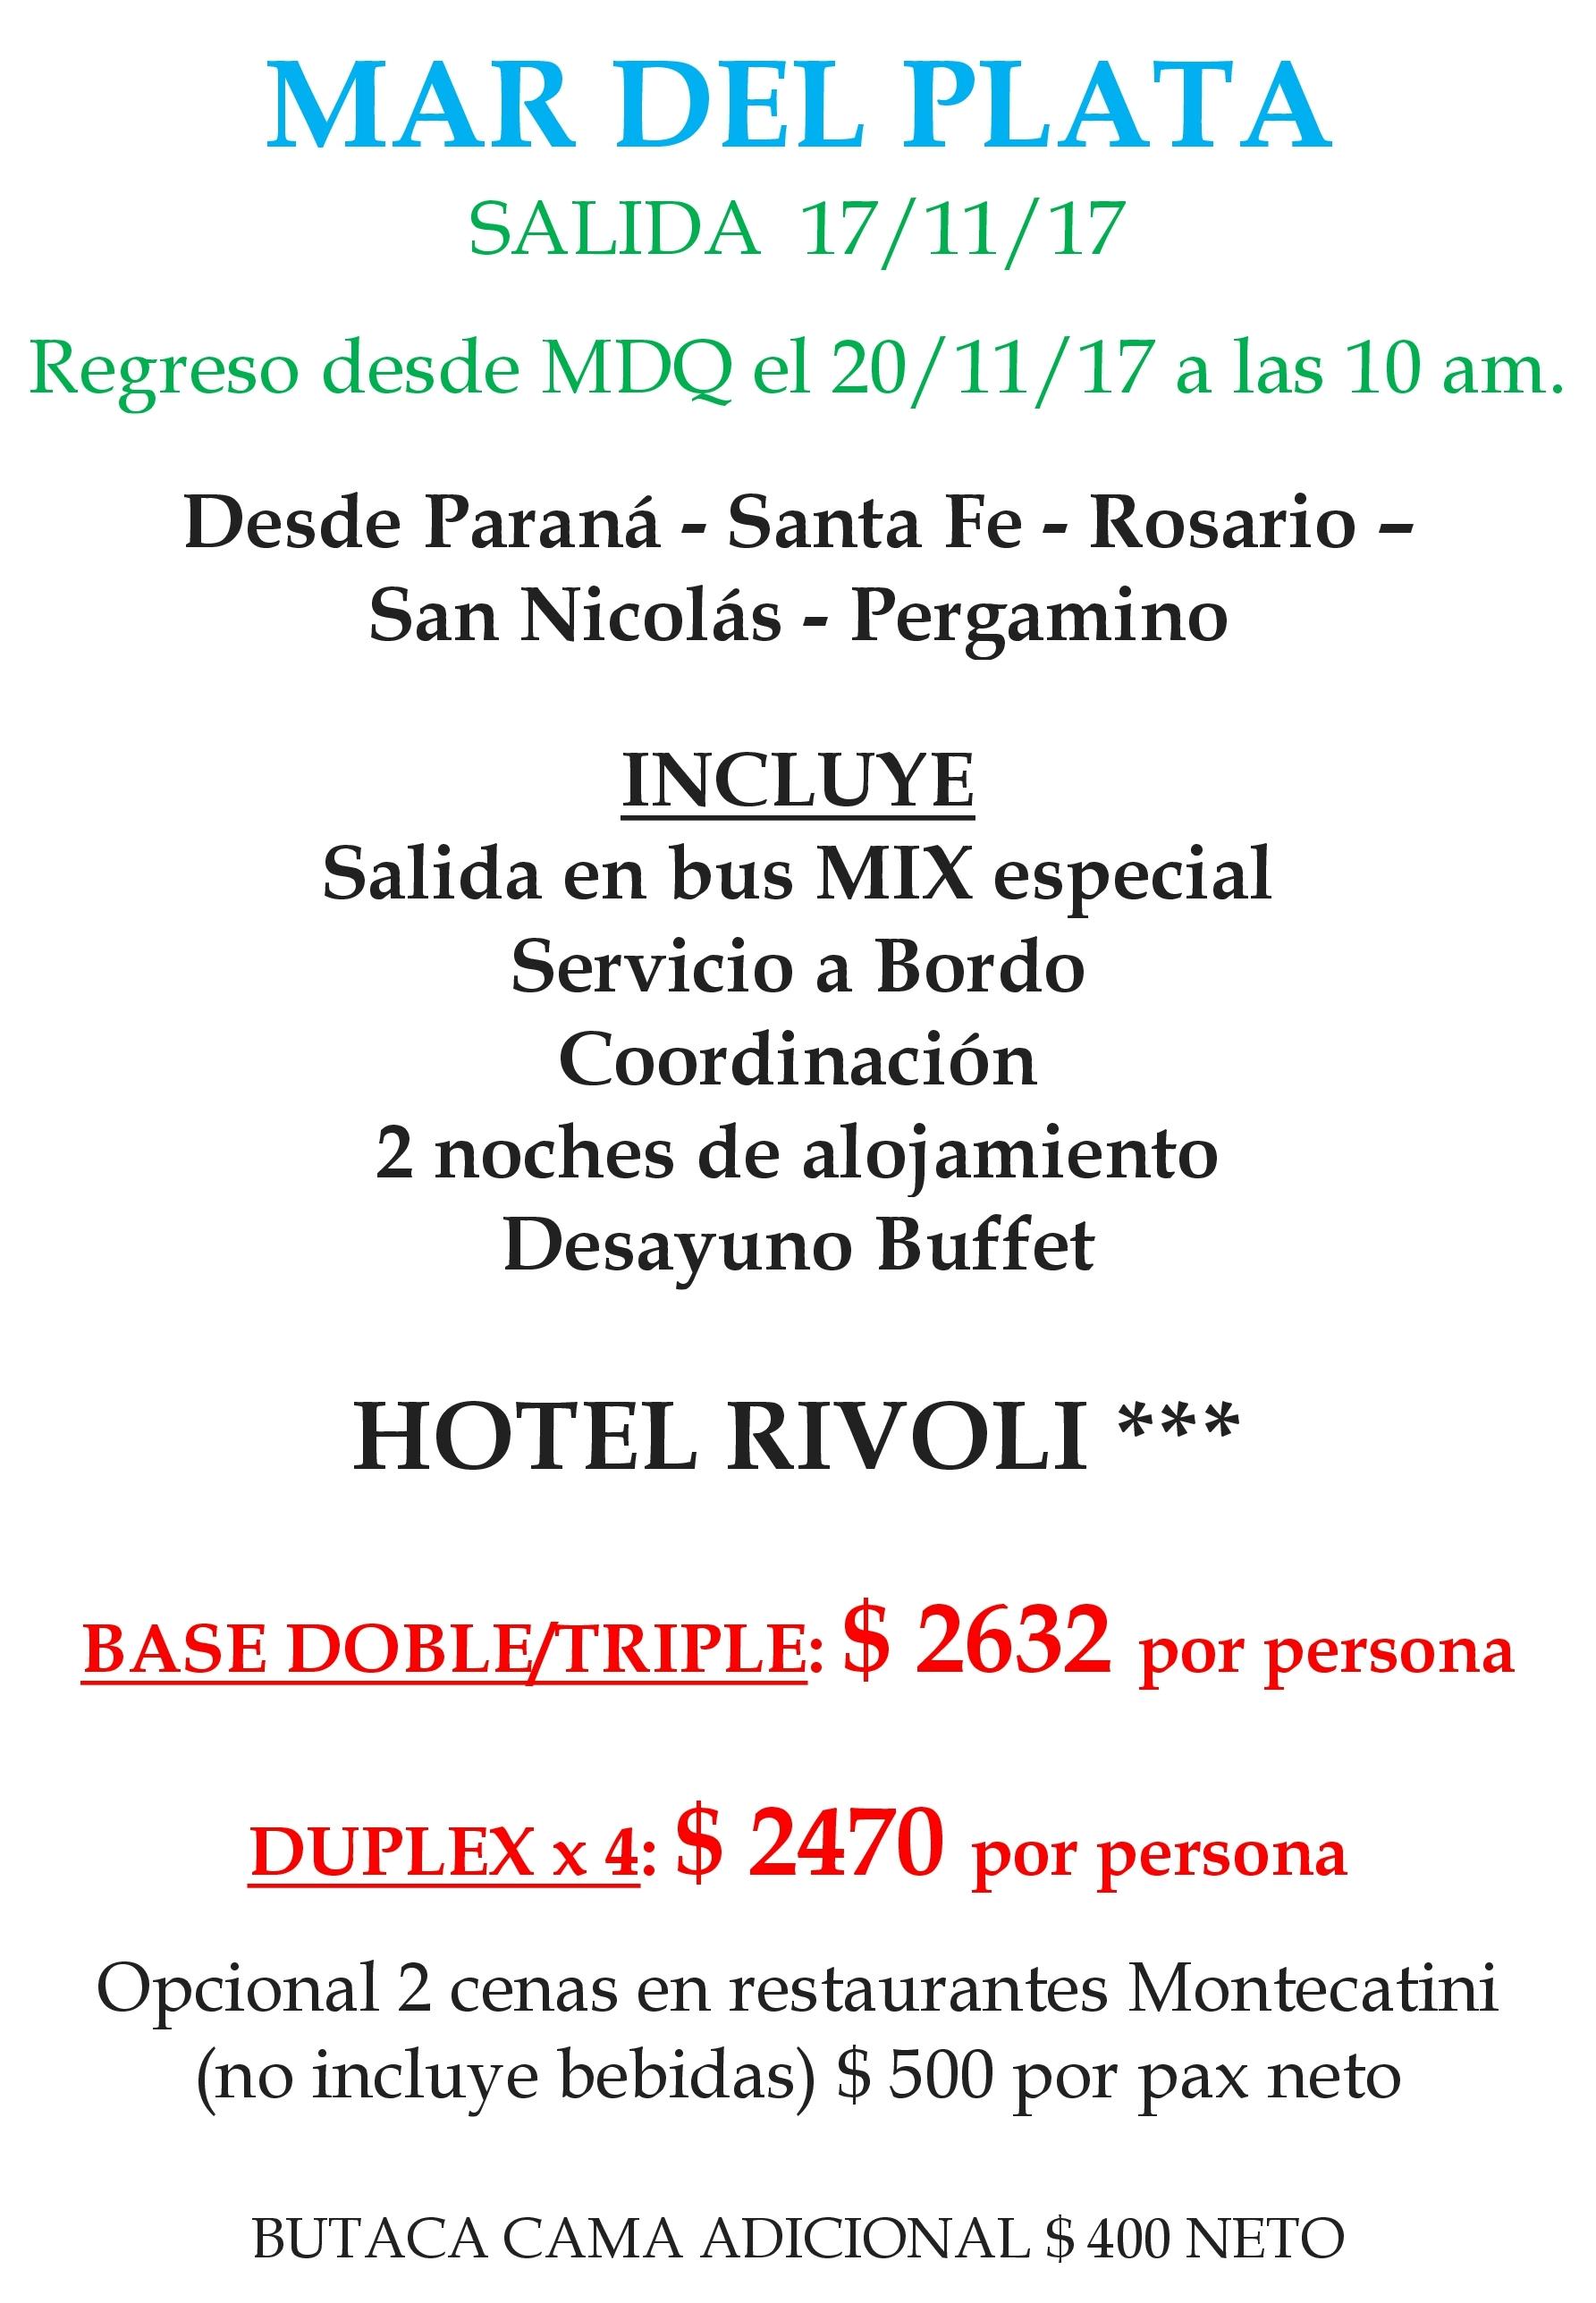 Turismo Barbaglia Agencia De Viajes Y Turismo En Santa